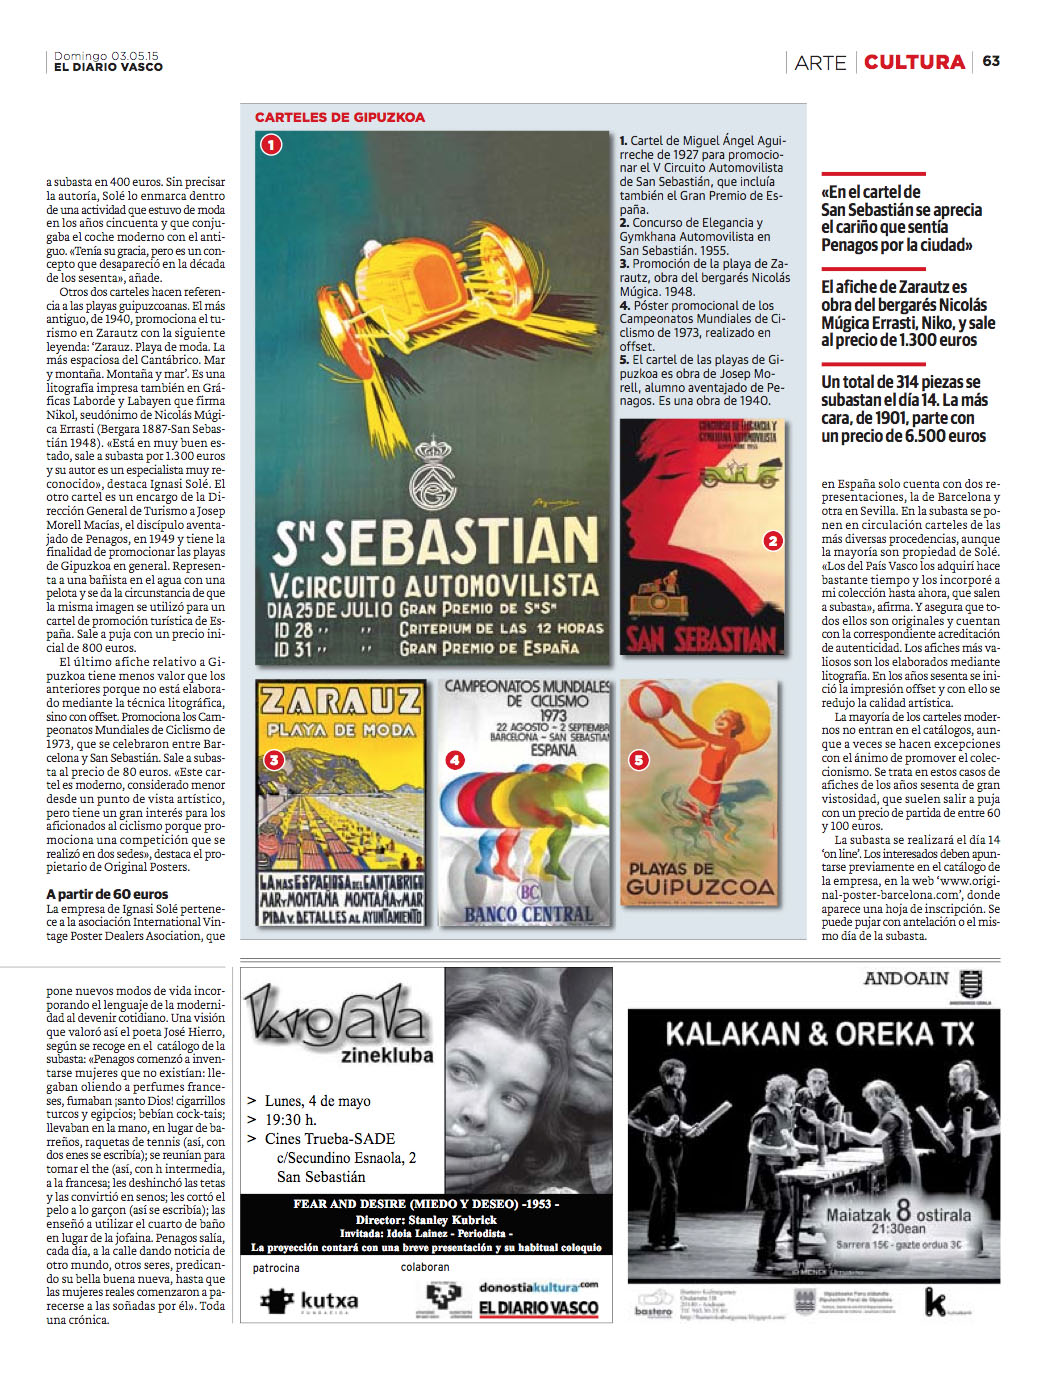 Resultado de nuestras acciones de PR: publicación en Diario Vasco acerca de la próxima subasta de Original Posters Barcelona